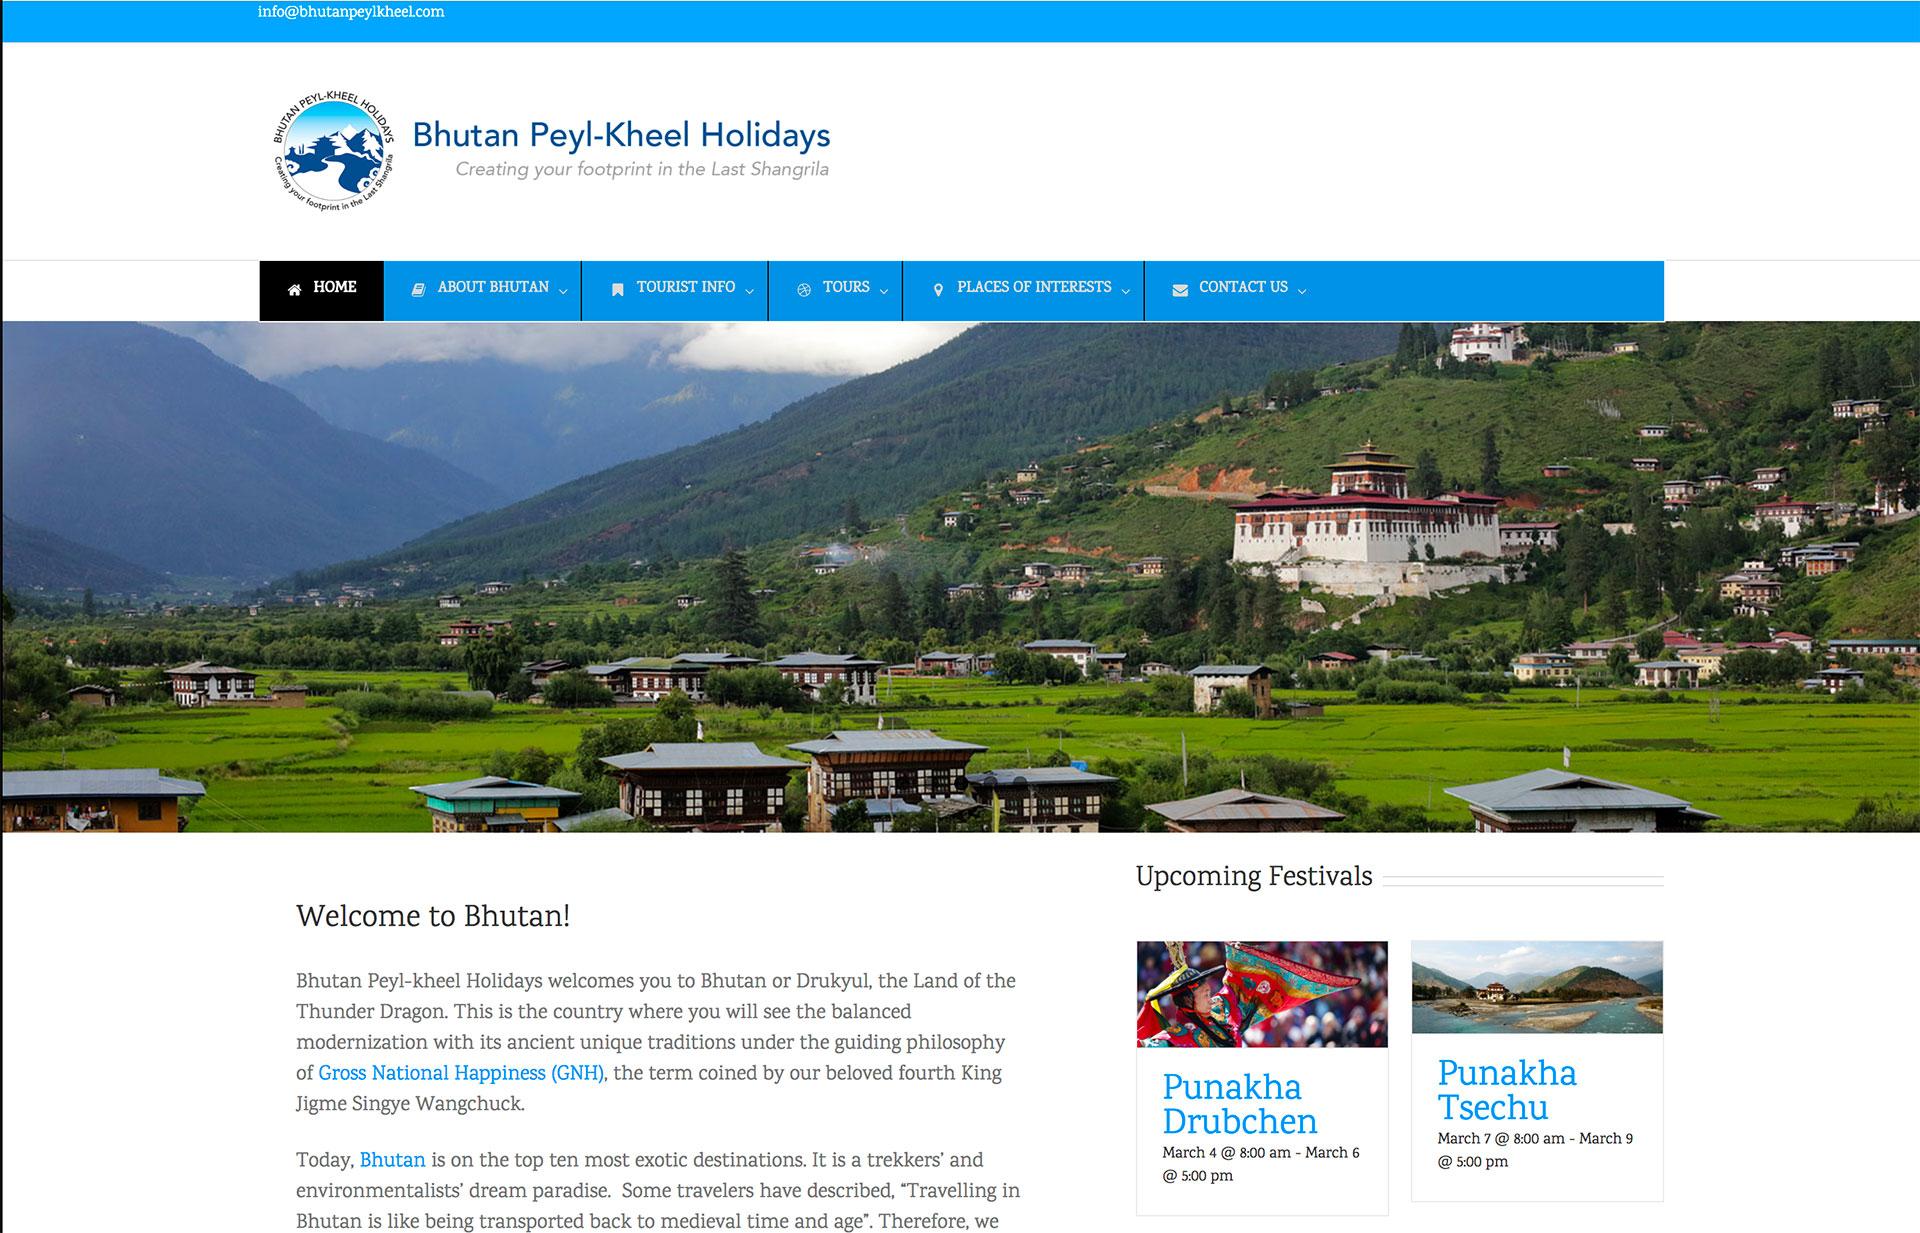 bhutan-pelkhyeel_website